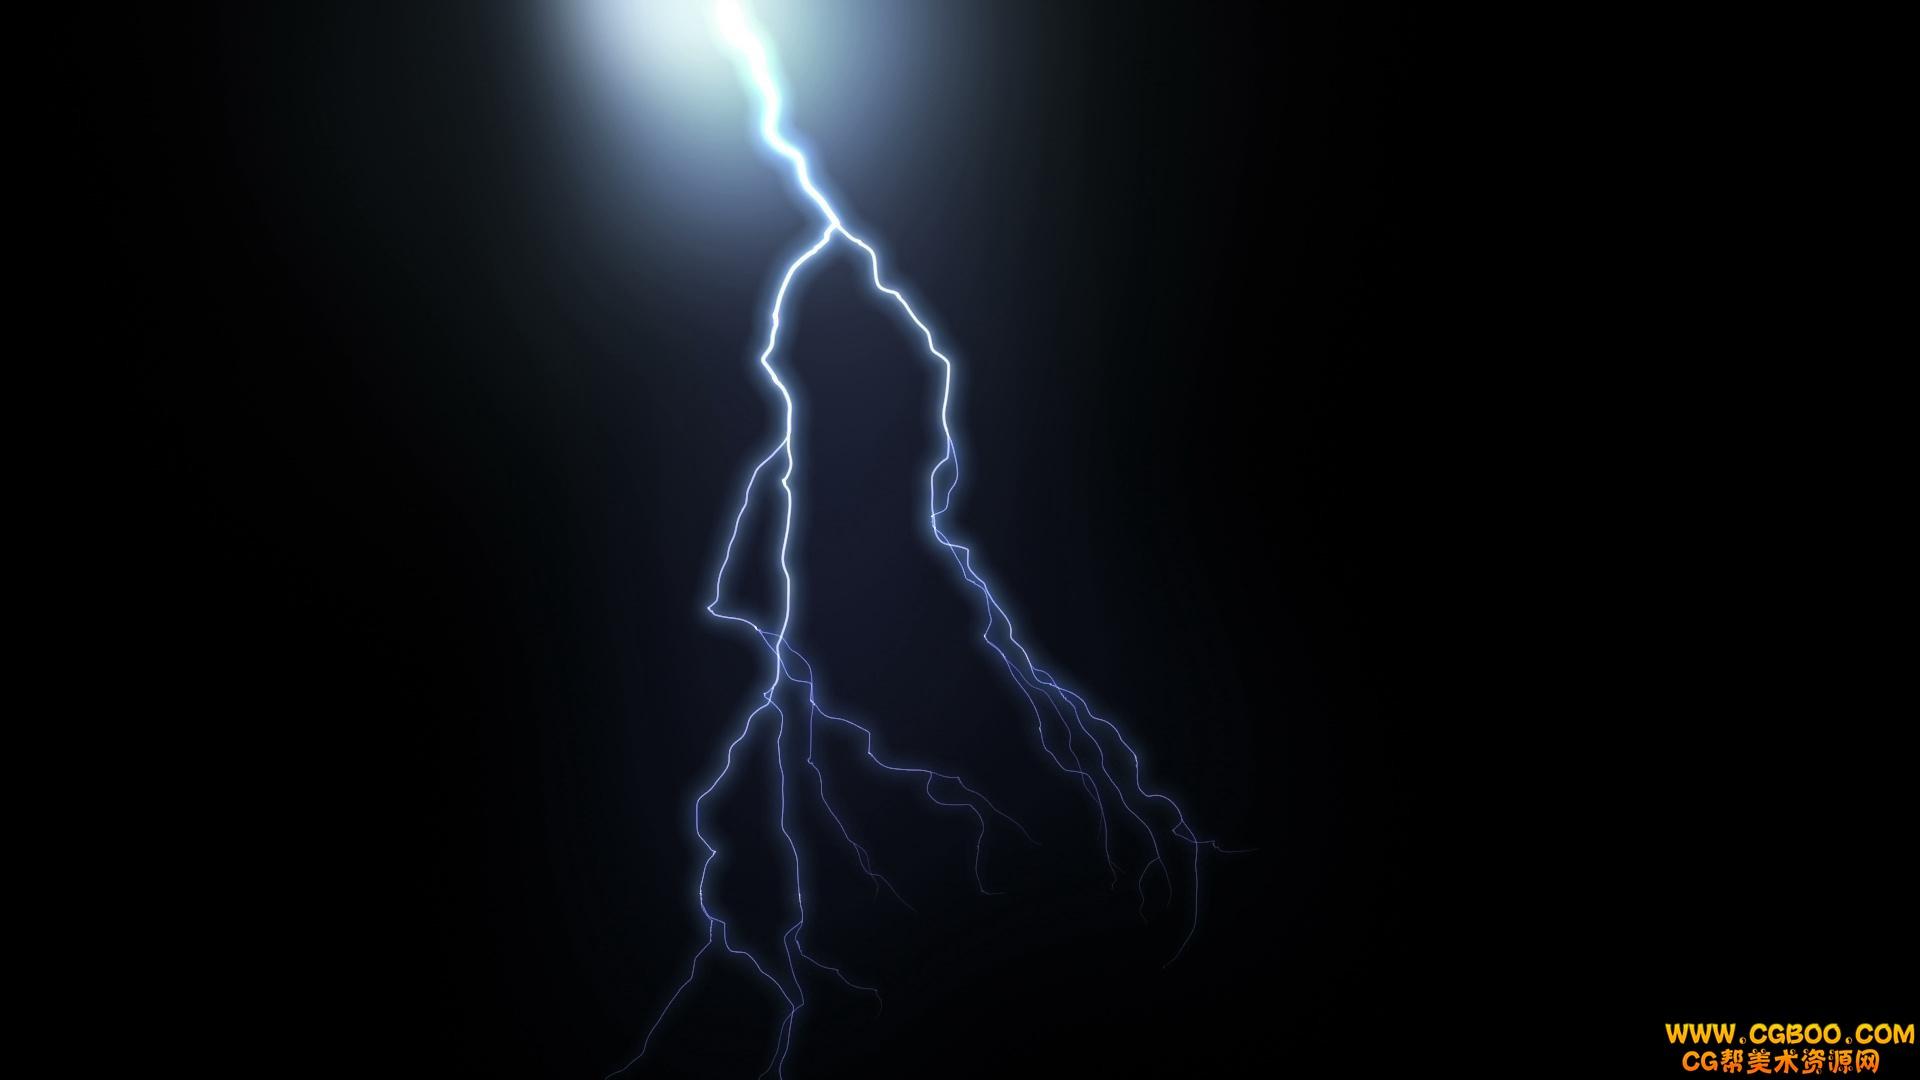 闪电暴雨logo演绎动画ae模板